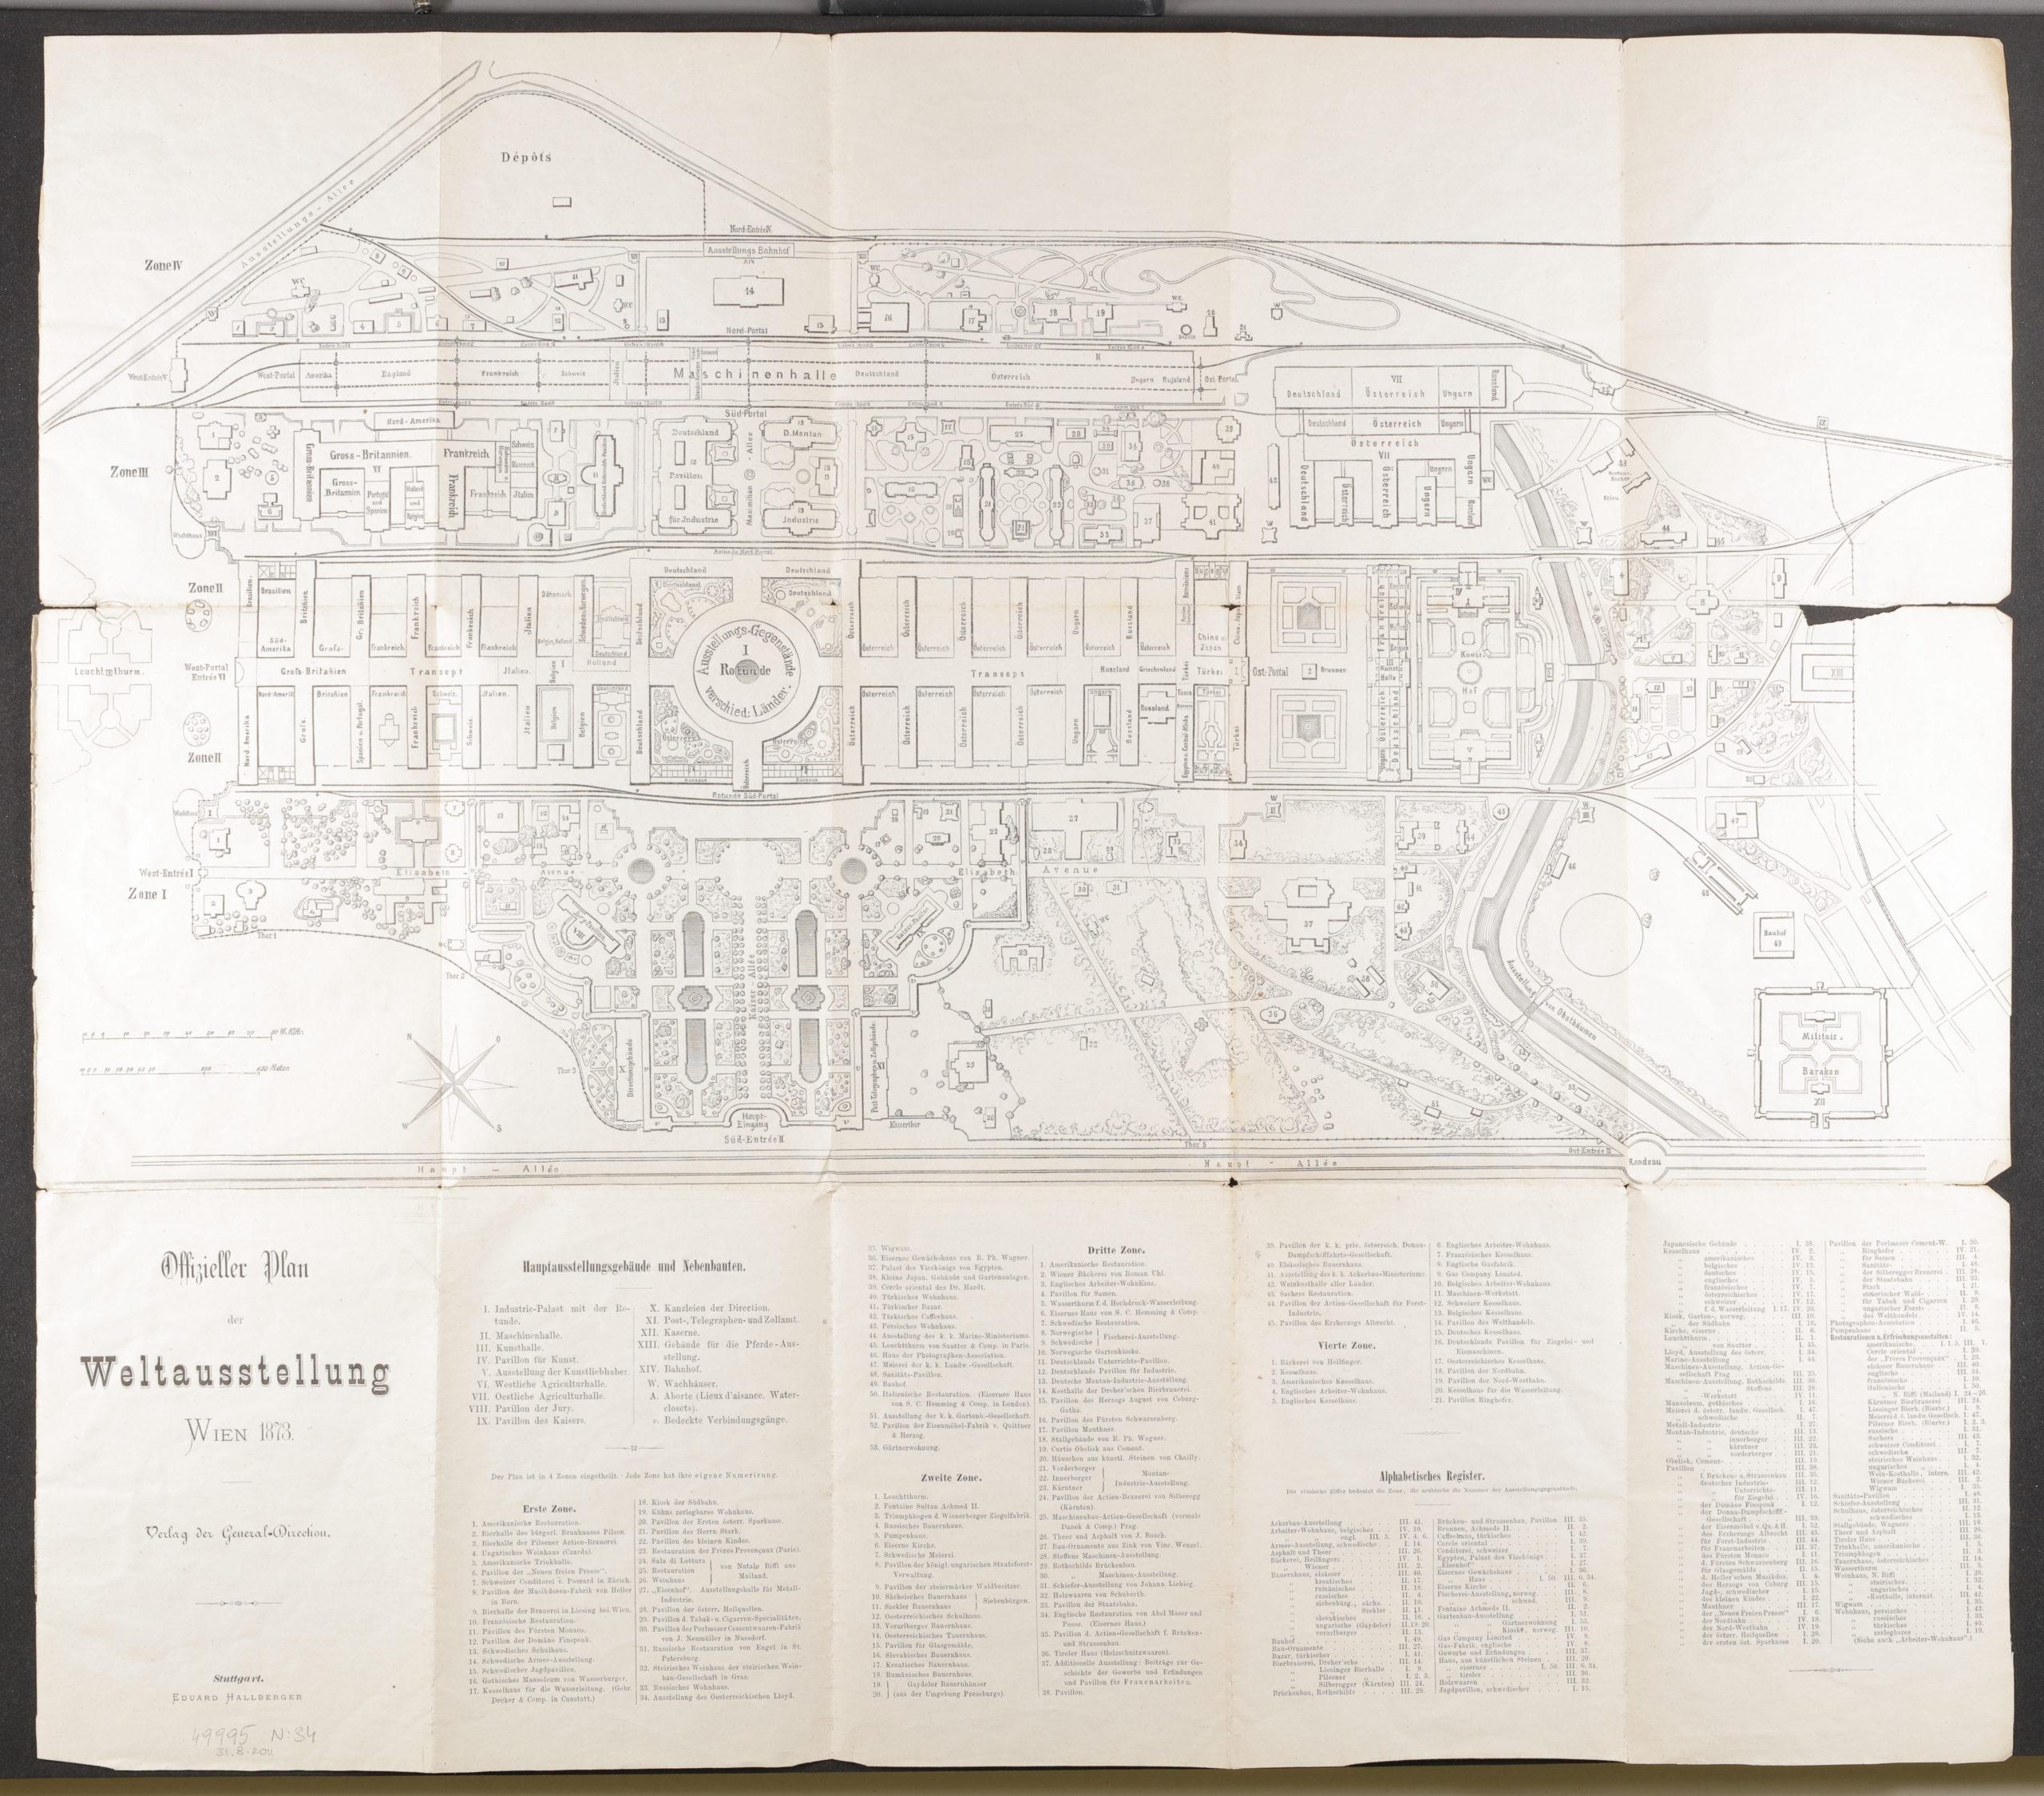 Scan des Lageplans zur Wiener Weltausstellung 1873. Der obige Teil umfasst eine Skizee der Wege und Pavillons, der untere Teil die Auflistung der Ausstellungsbereiche.